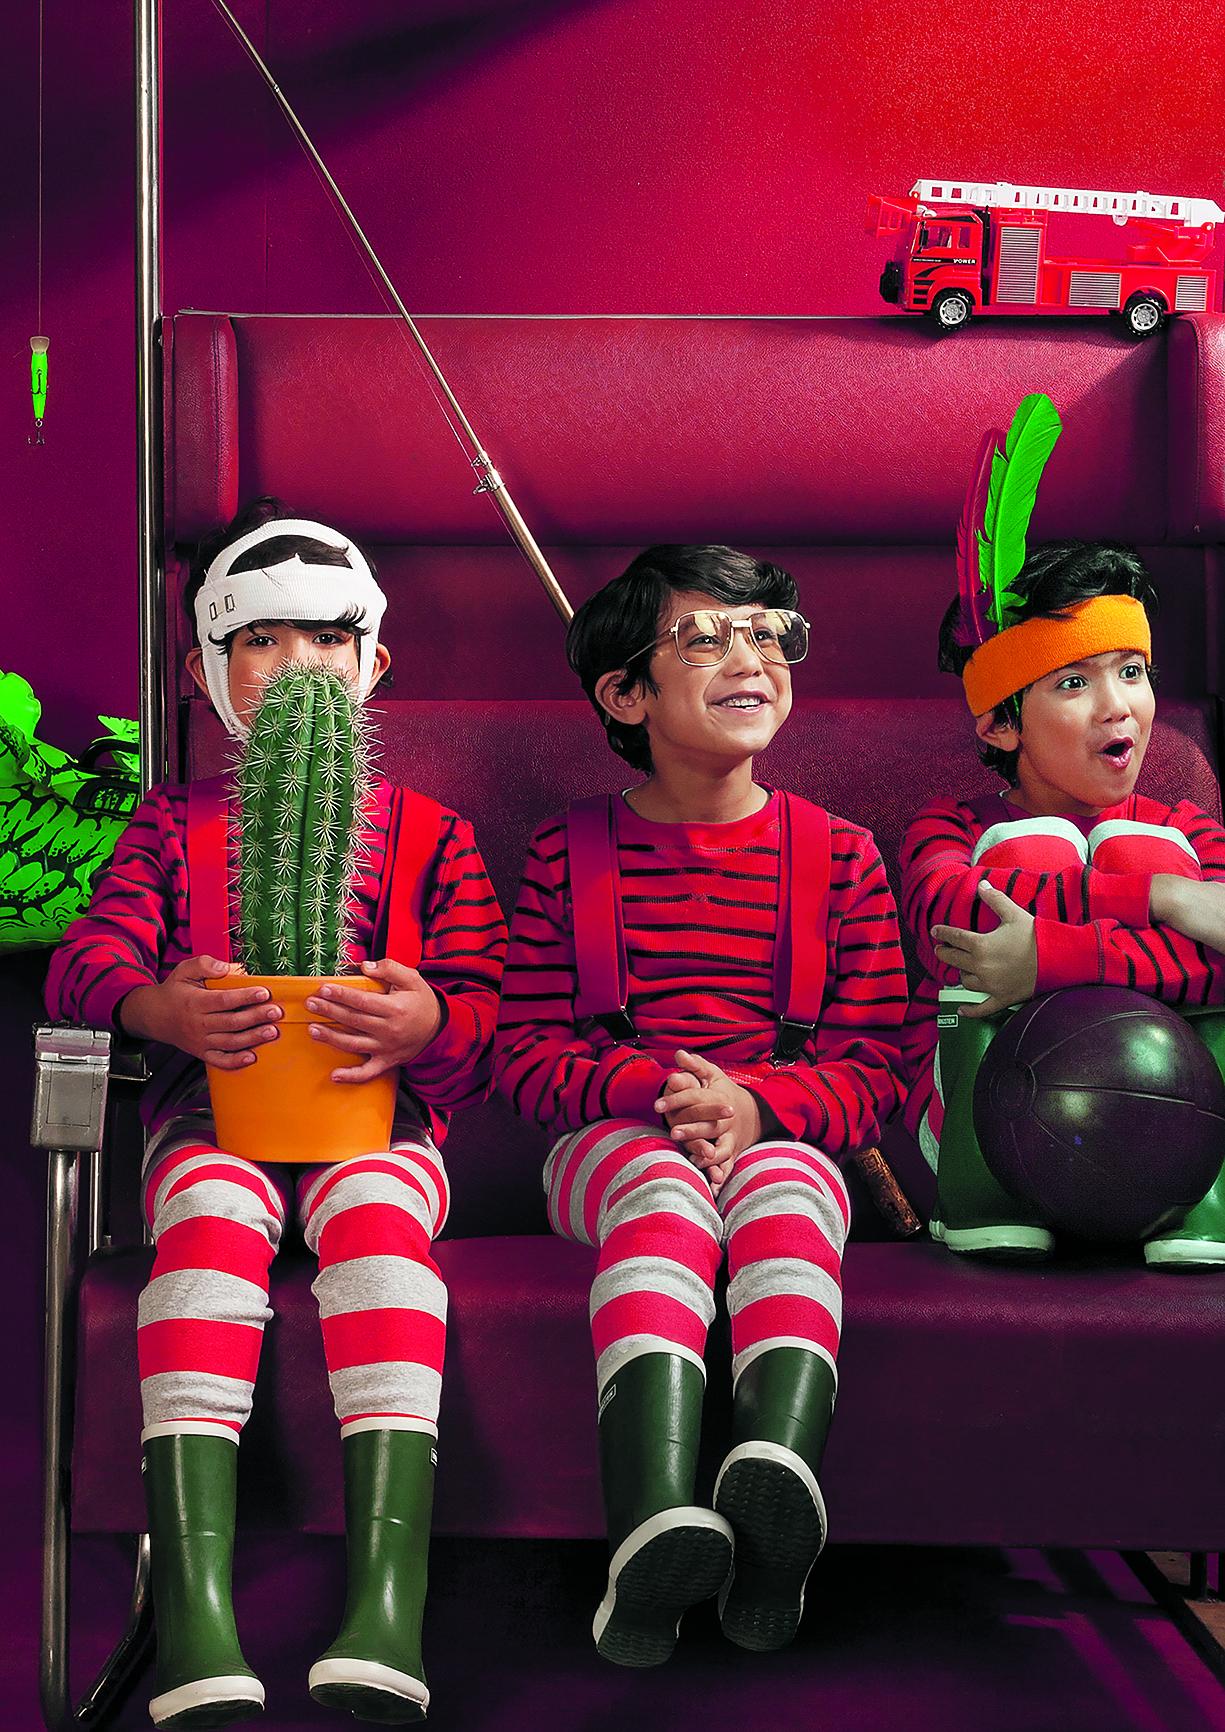 De kindervoorstelling 'Drie' is zondag 4 november om 14:30 uur te zien in De Vest. (Foto: aangeleverd)